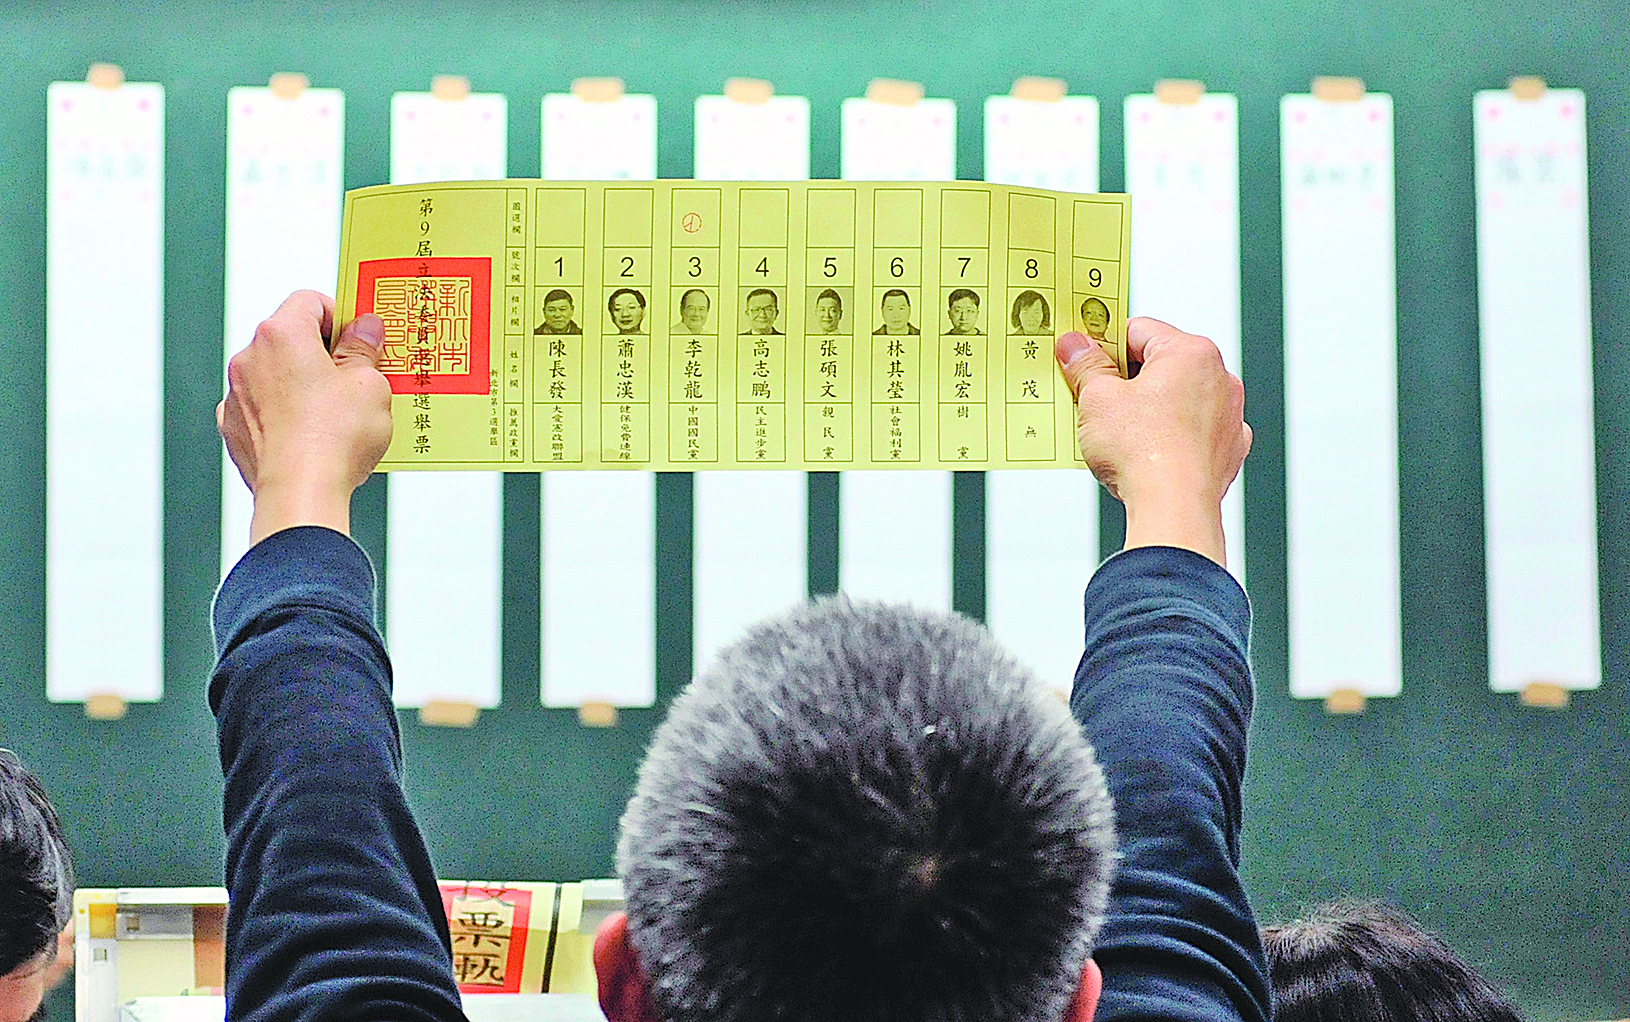 中國國情淪為對抗文明的遮羞布